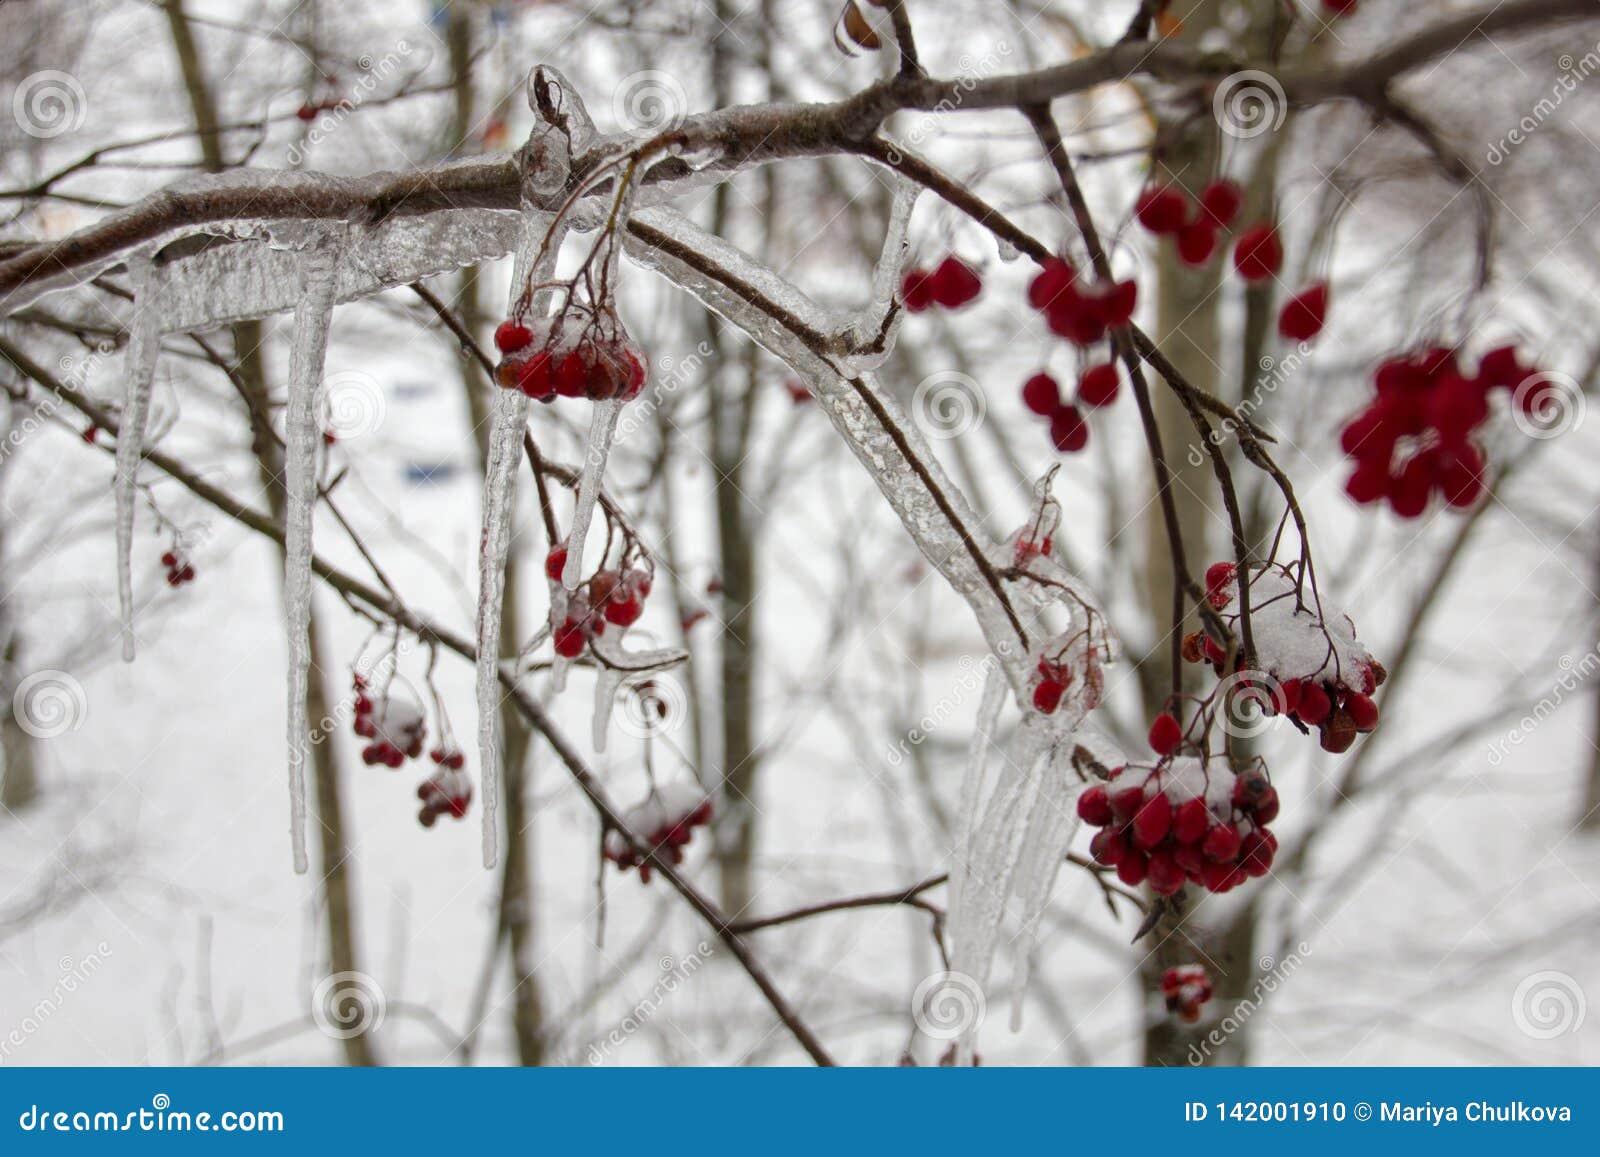 A branch of Rowan berries in winter